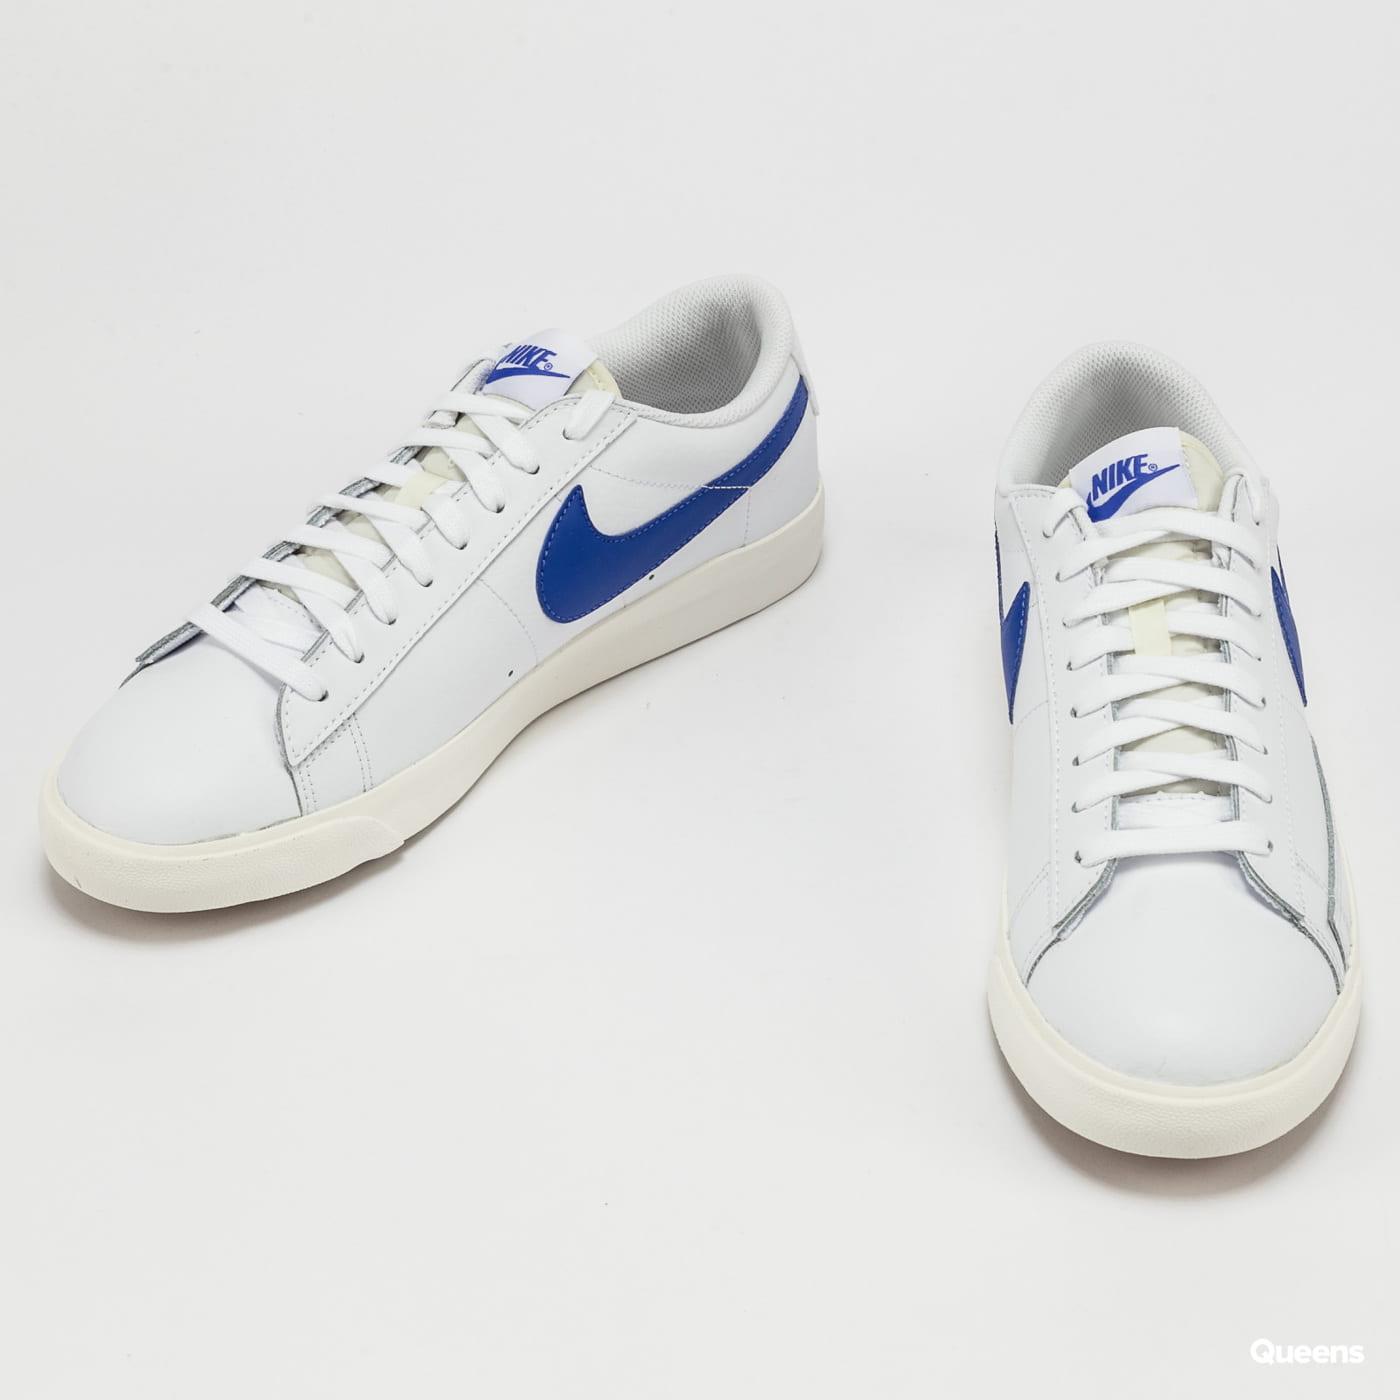 Nike Blazer Low Leather white / astronomy blue - sail